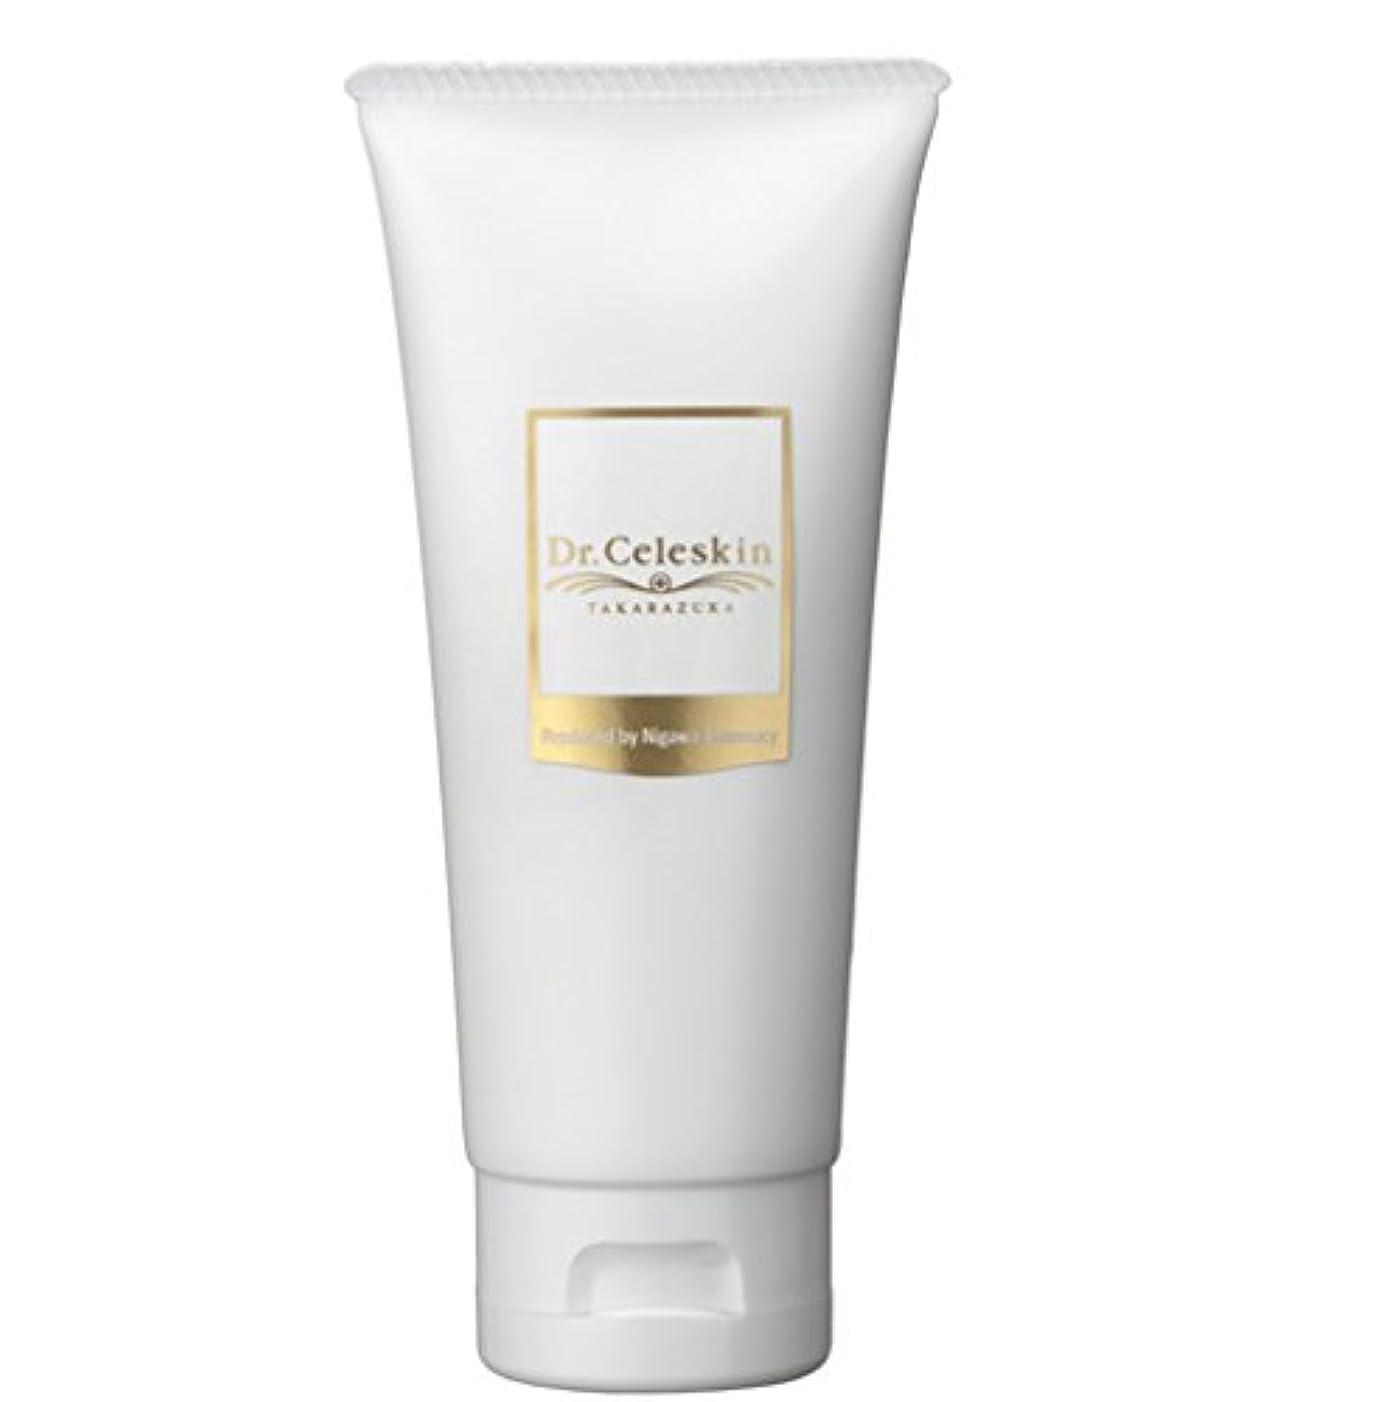 ガム再生に慣れ洗顔フォームS(ビタミンC誘導体VCIP(抗酸化剤)配合) 100g (1本)